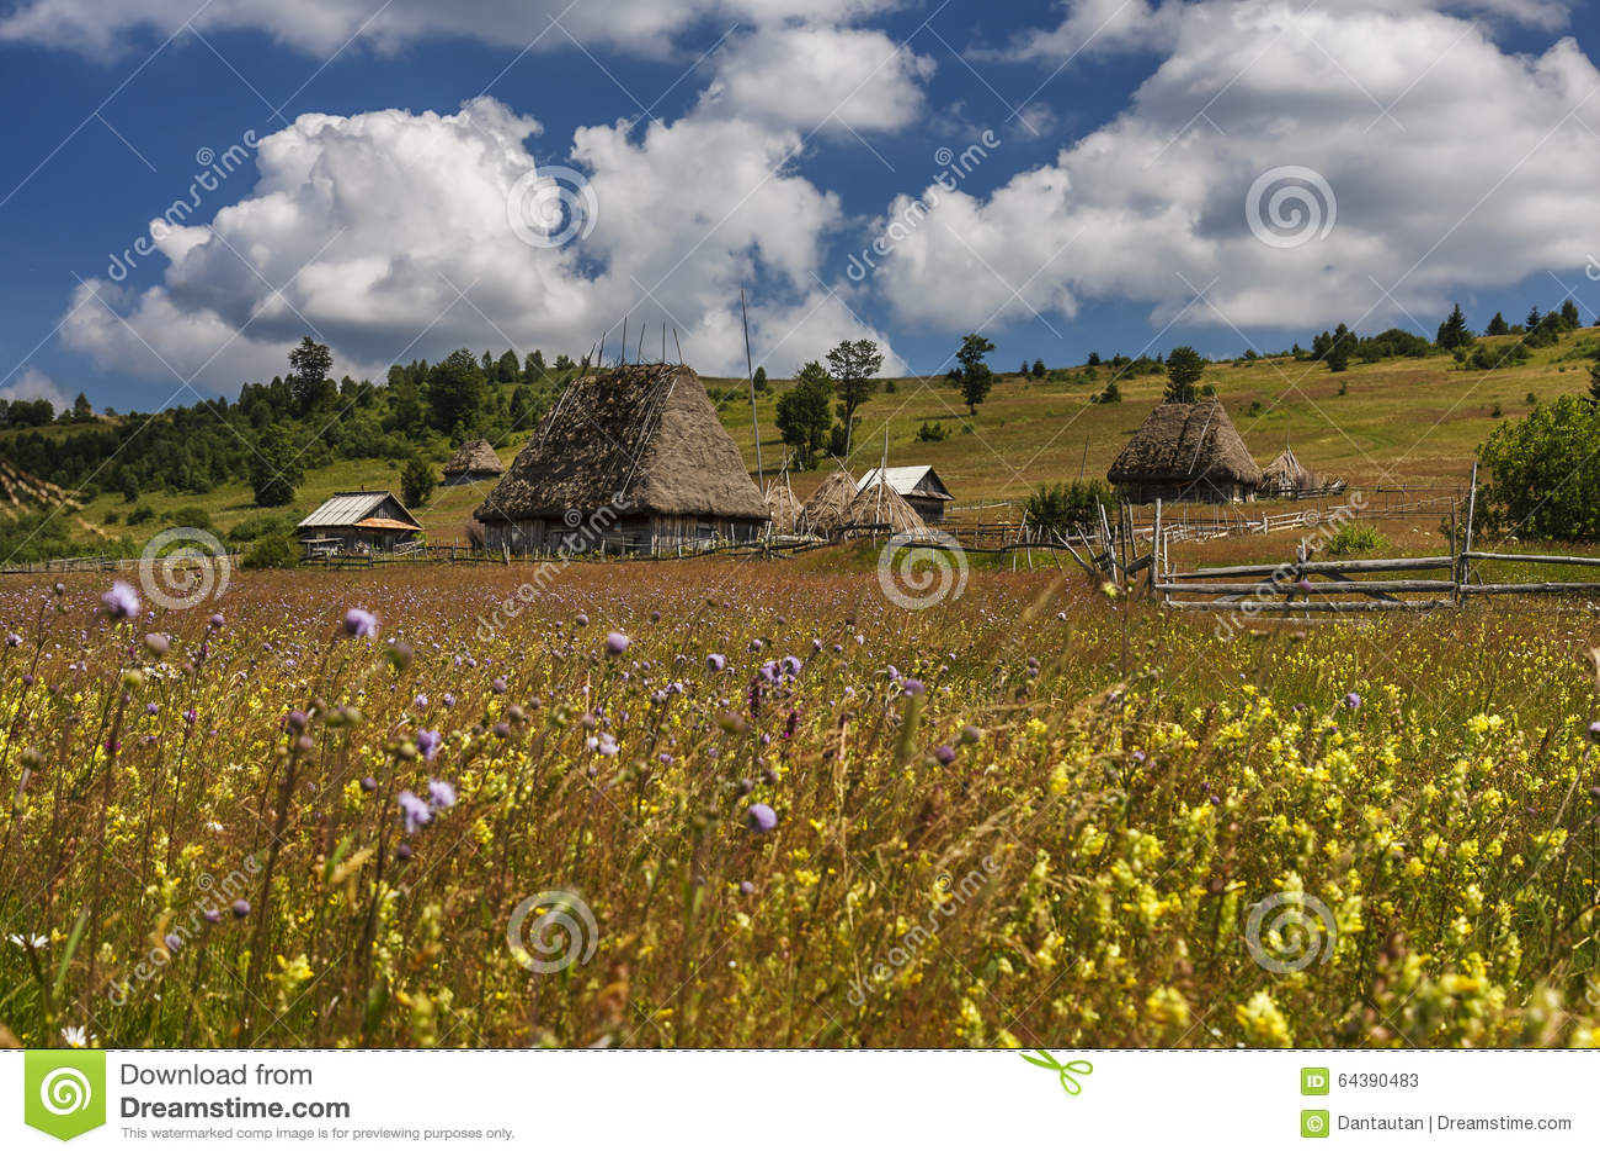 Румынская традиционная деревня с старым амбаром или лачуга с крышей соломы